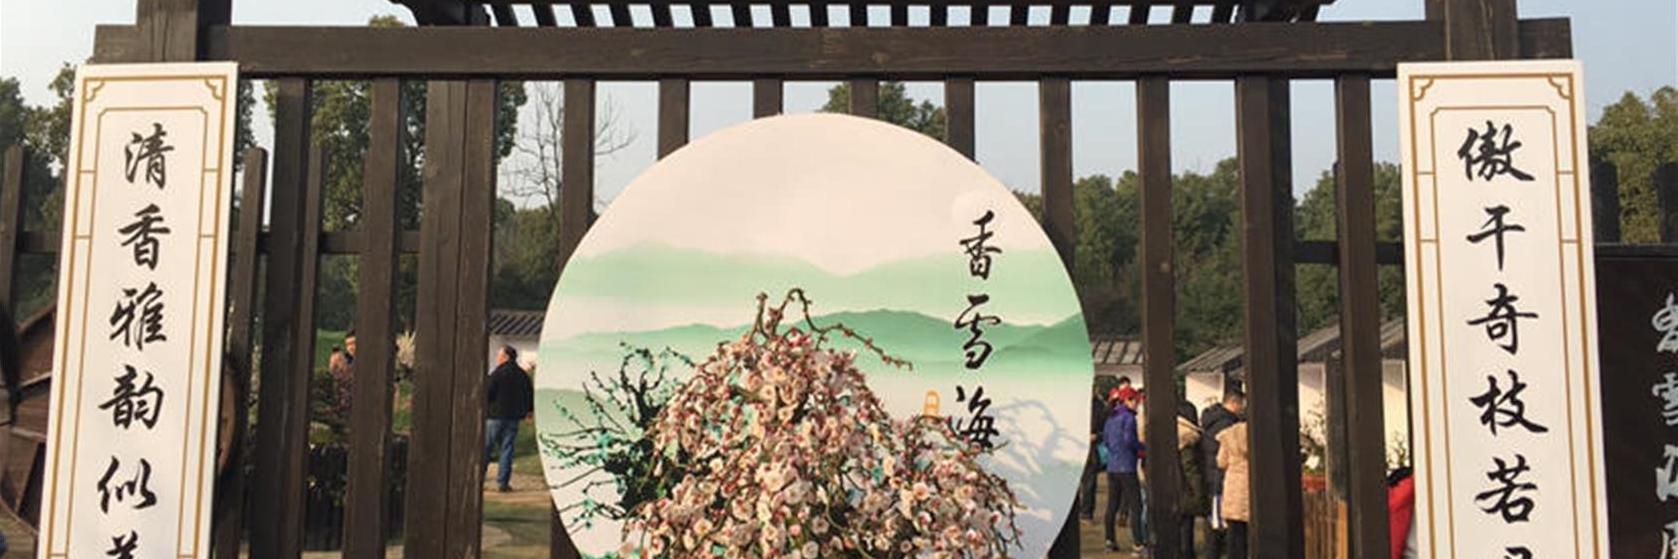 風吹梅蕊鬧,雨細杏花香,于蘇州追尋春的魅影!